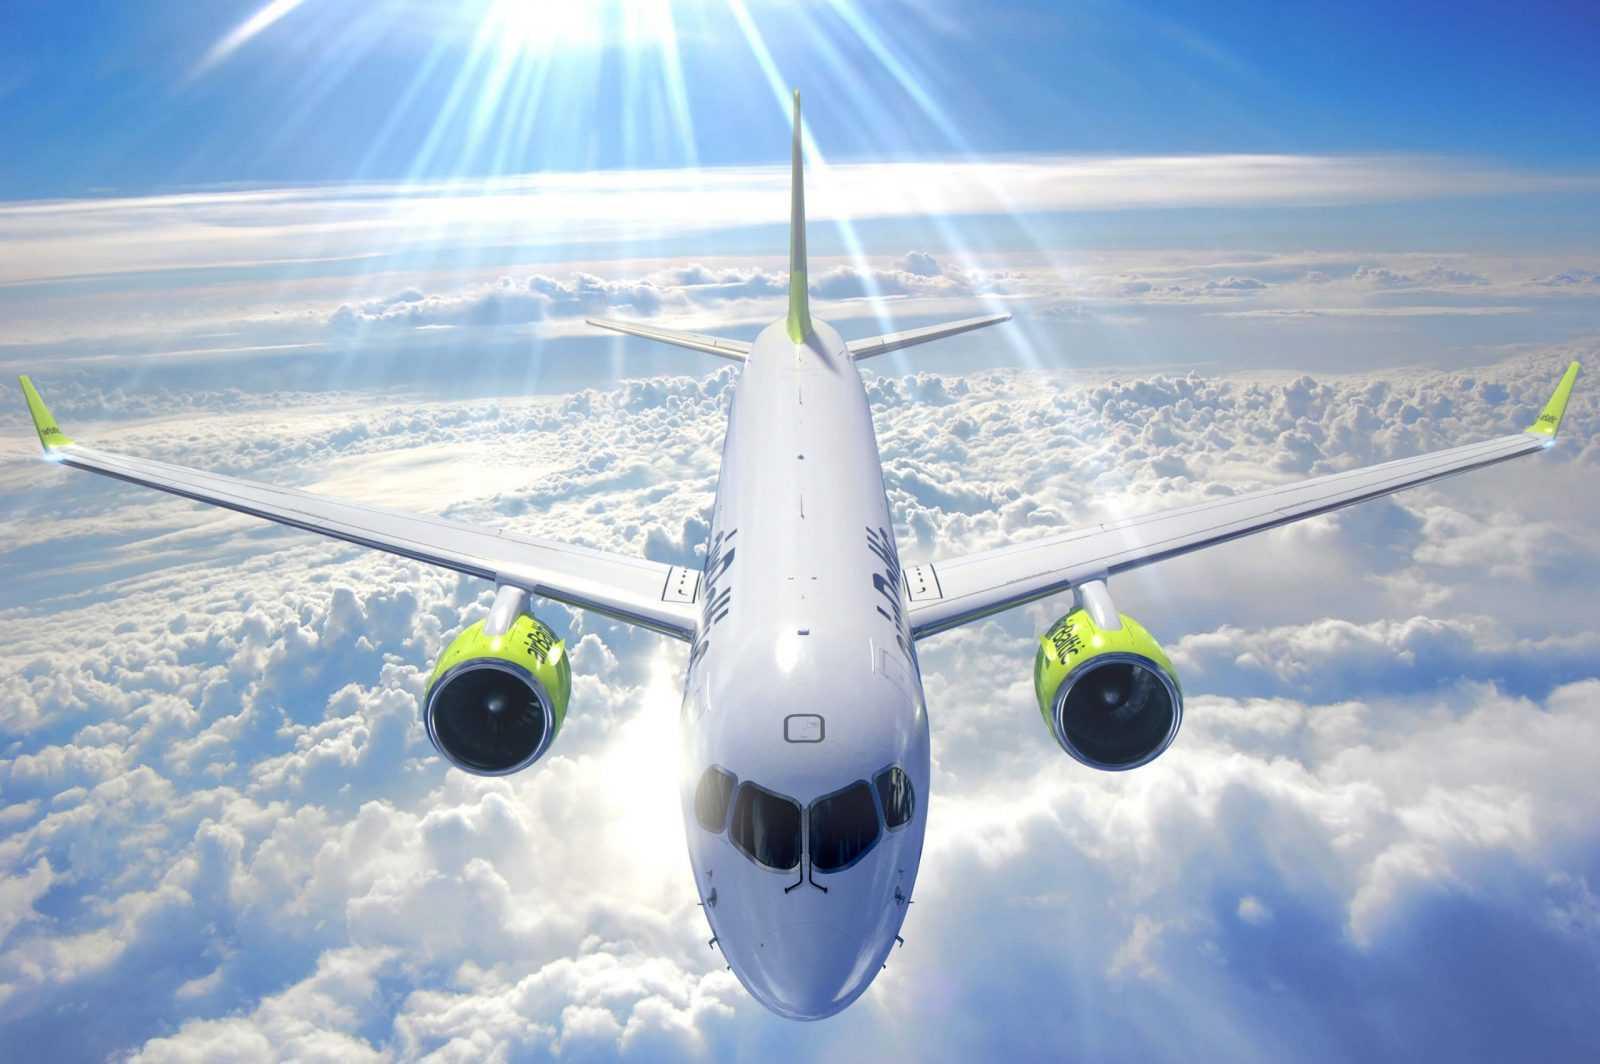 Covid-19 dēļ airBaltic pirmajā pusgadā cieš 185 miljonu eiro konsolidētos zaudējumus